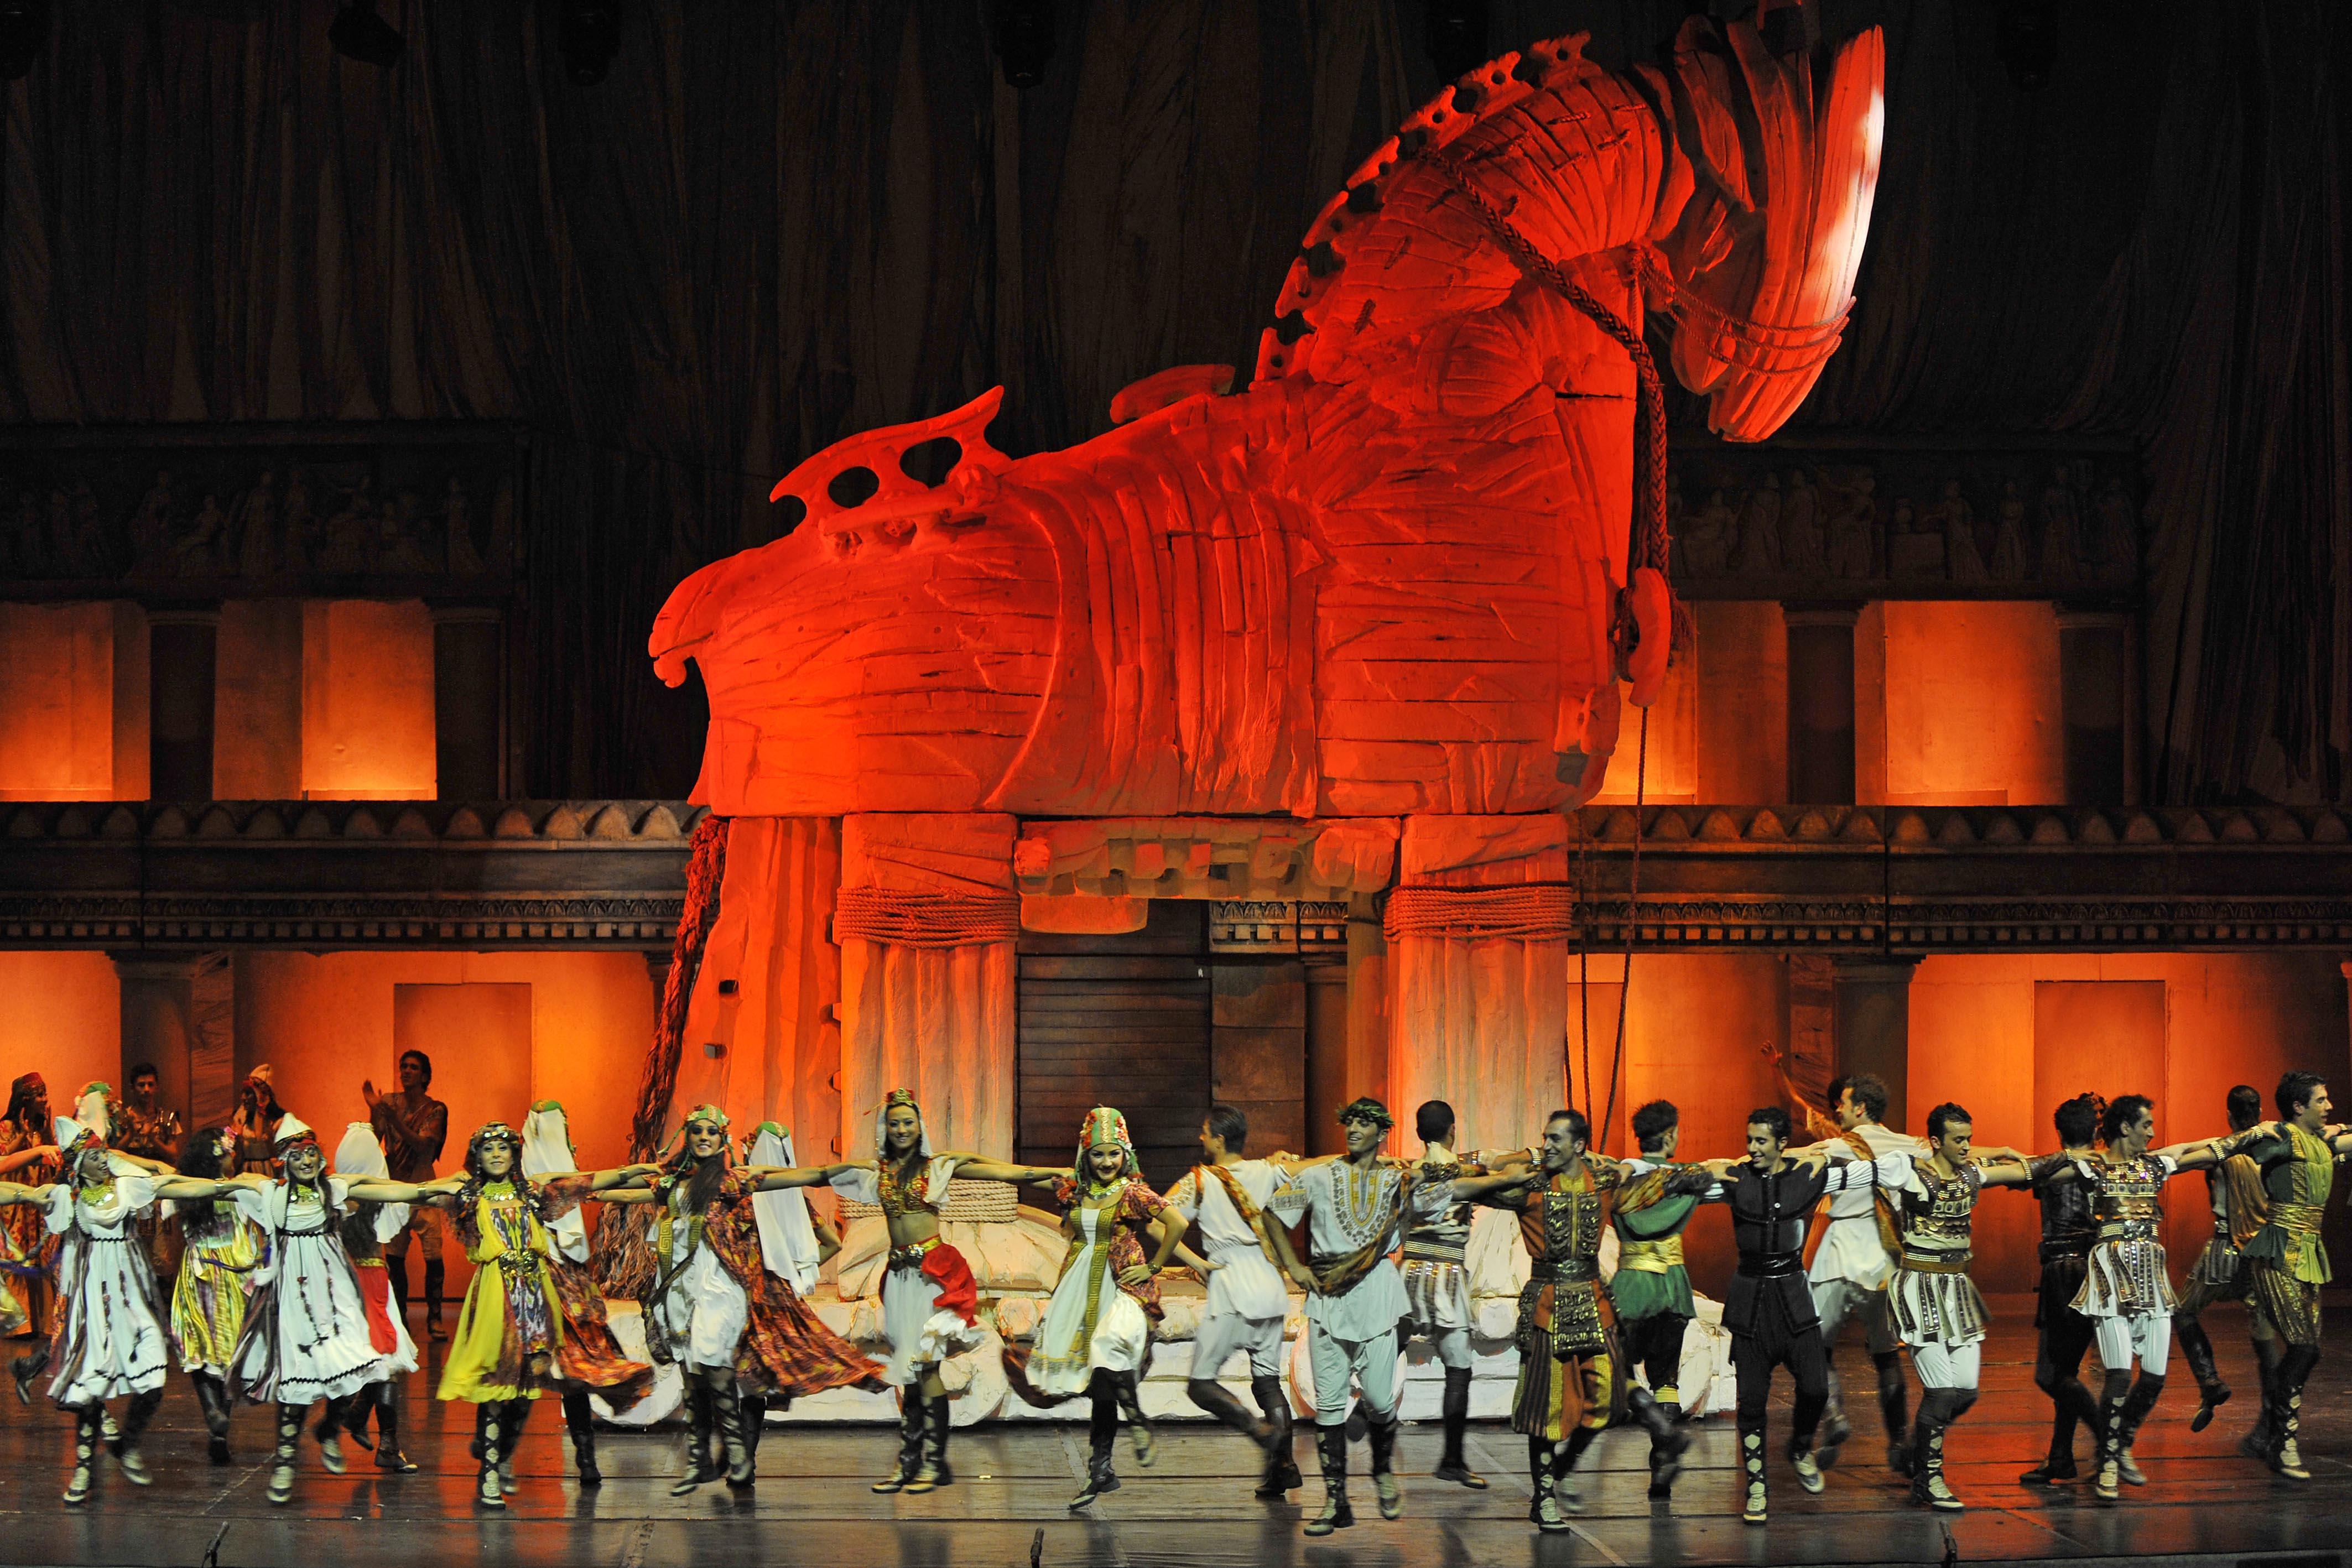 Танцевальное шоу «Огни Анатолии» в Турции http://travelcalendar.ru/wp-content/uploads/2015/05/TROYA_0451.jpg